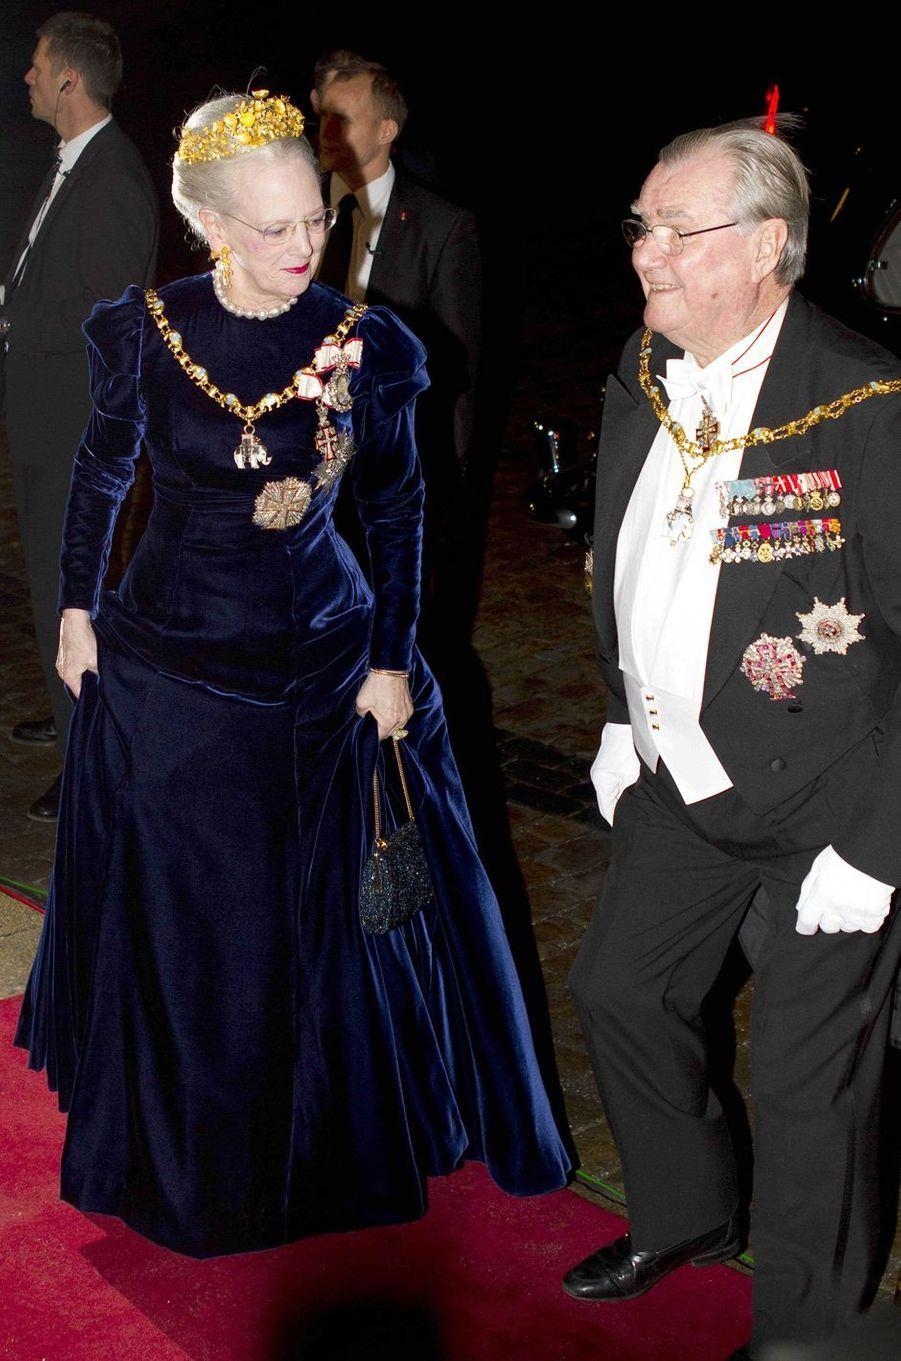 La reine Margrethe II de Danemark coiffée de son diadème Naasut, avec le prince consort Henrik, le 1er janvier 2013